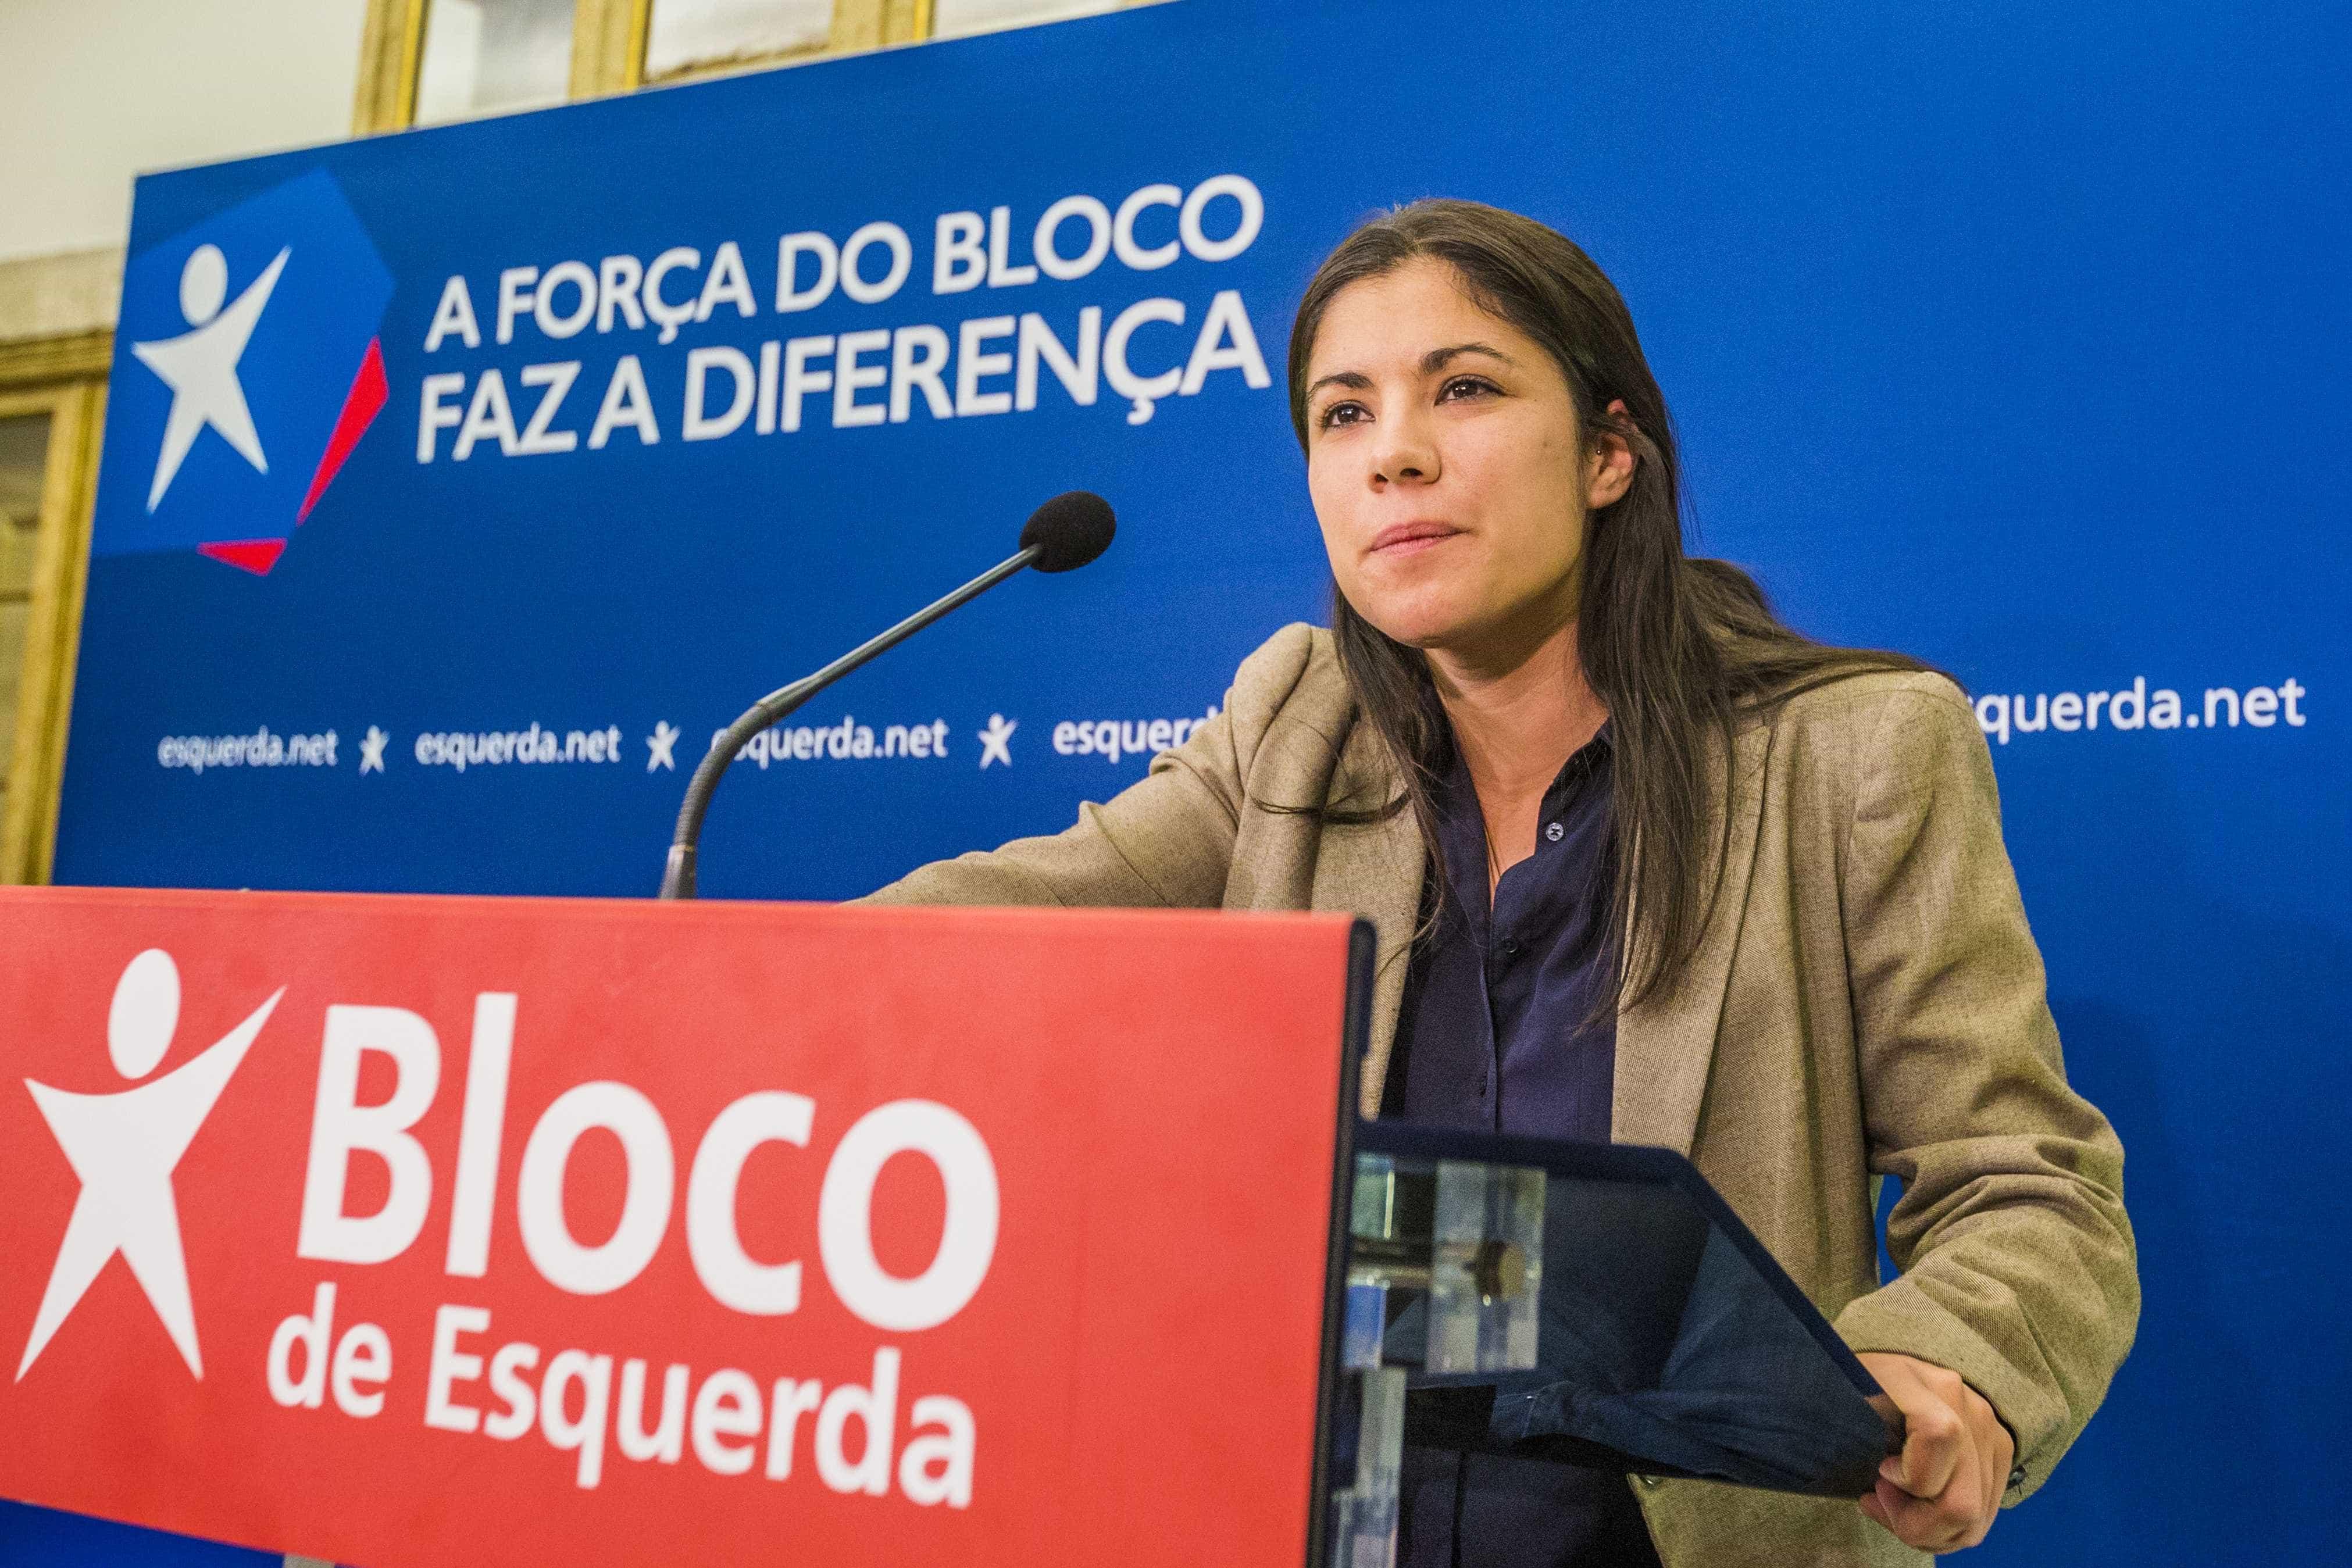 Bloco propõe novo regime de tributação das mais-valias imobiliárias